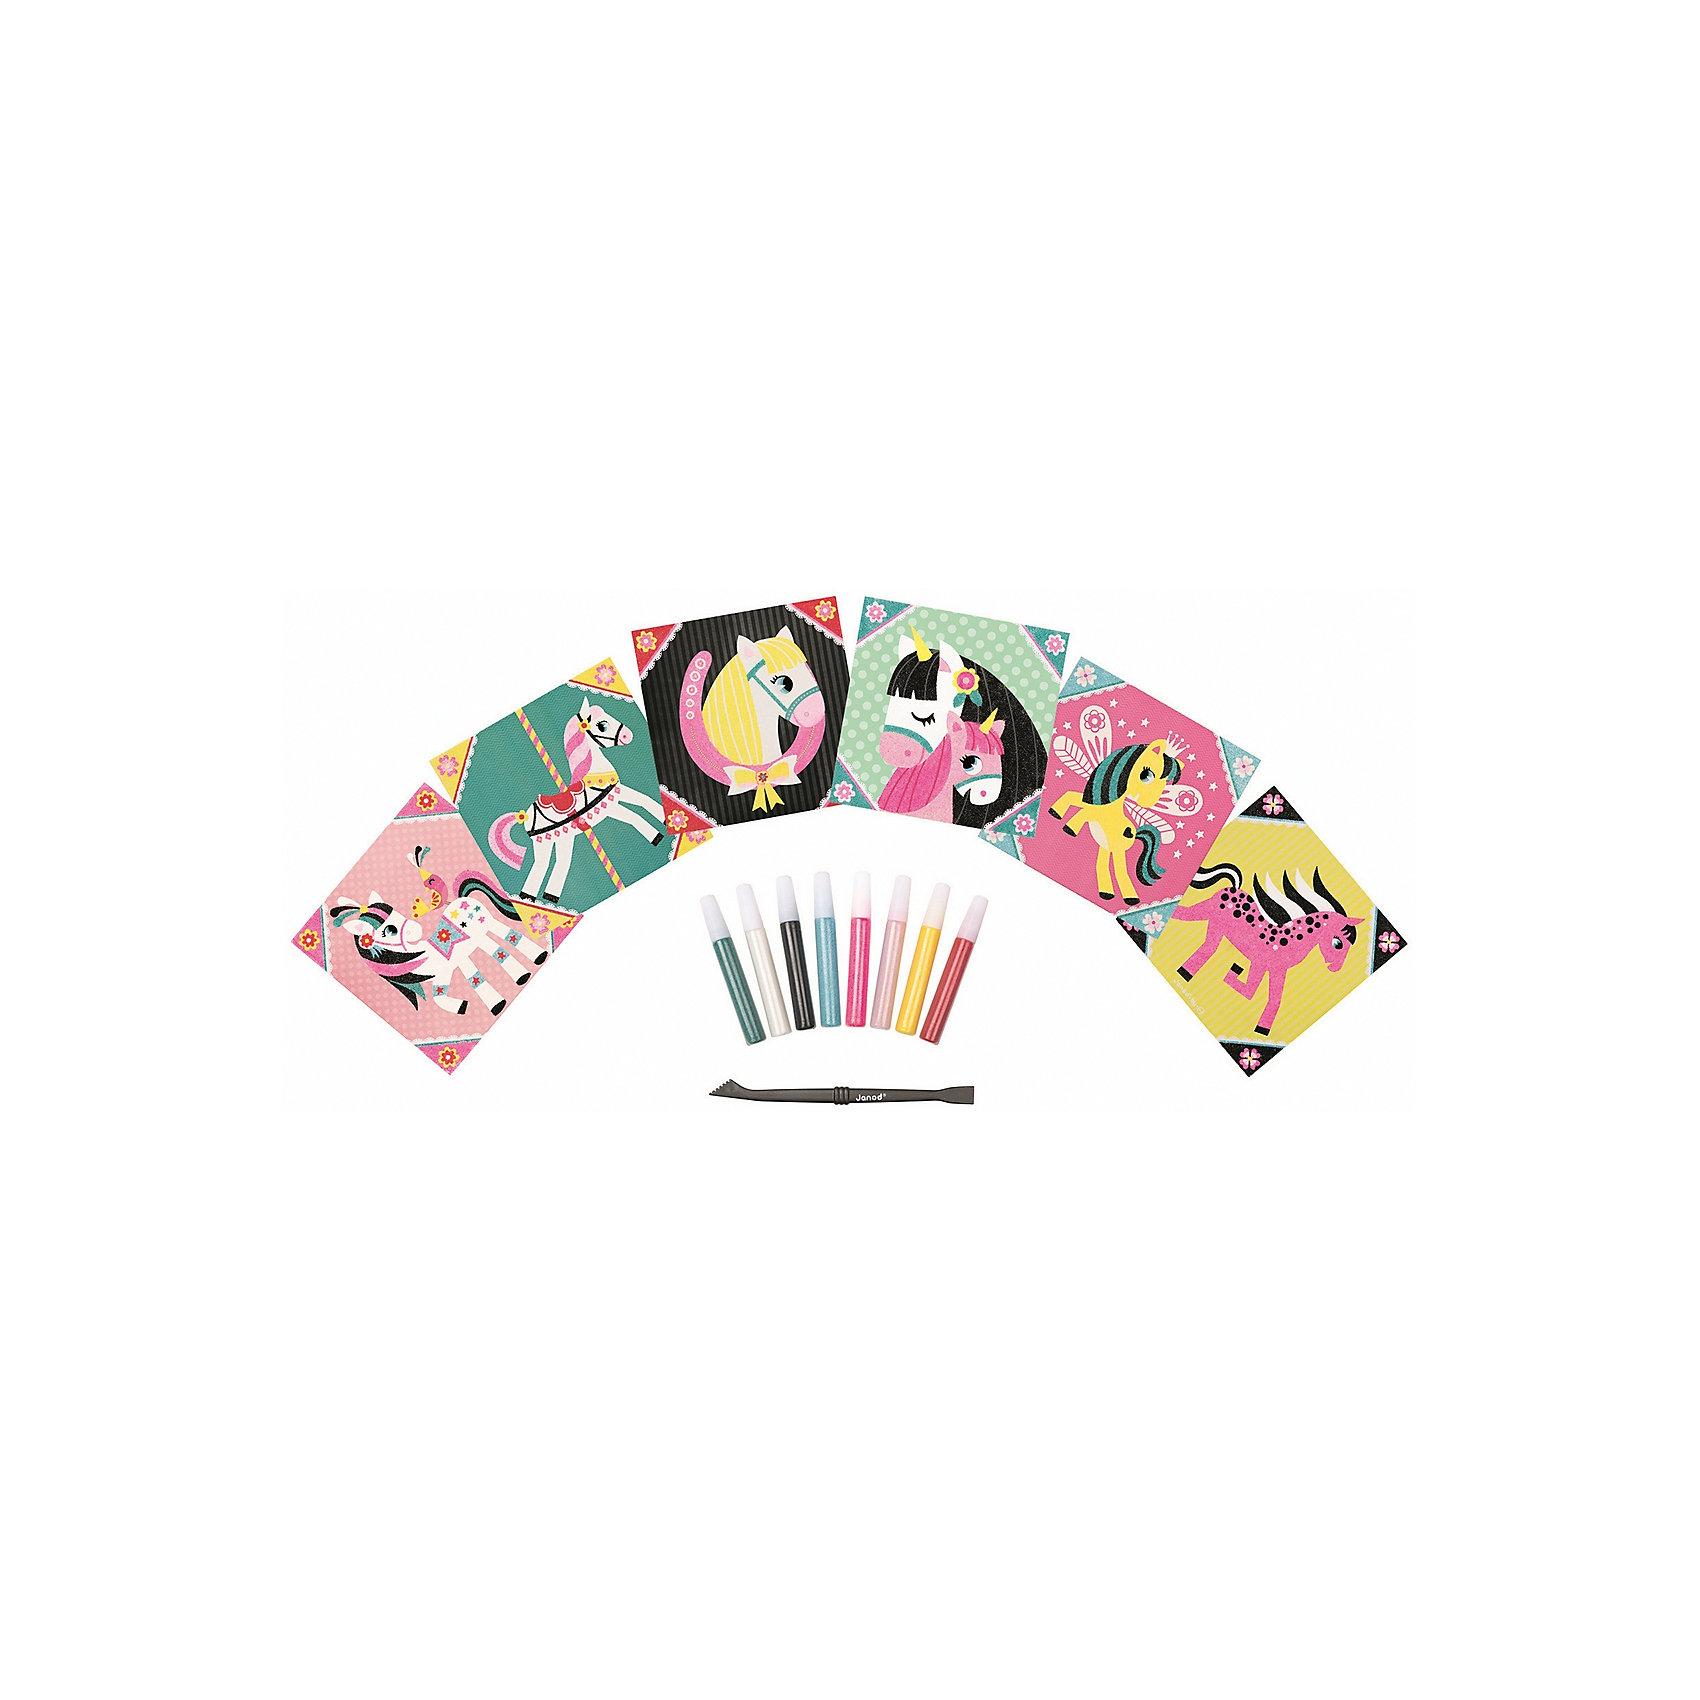 Набор для творчества: посыпаем песком Моя лошадка, 6 карточекПесочные картинки<br>Набор для творчества: посыпаем песком Моя лошадка, 6 карточек<br>6 цветных заготовок - картинок с липким слоем, 8 тюбиков с цветным песком, 1 инструмент для работы, 1  удобный чемоданчик для хранения.<br>Цветной буклет - инструкция на русском языке входит в состав всех наборов для творчества<br><br>Ширина мм: 26<br>Глубина мм: 21<br>Высота мм: 4<br>Вес г: 600<br>Возраст от месяцев: 48<br>Возраст до месяцев: 2147483647<br>Пол: Унисекс<br>Возраст: Детский<br>SKU: 4871832